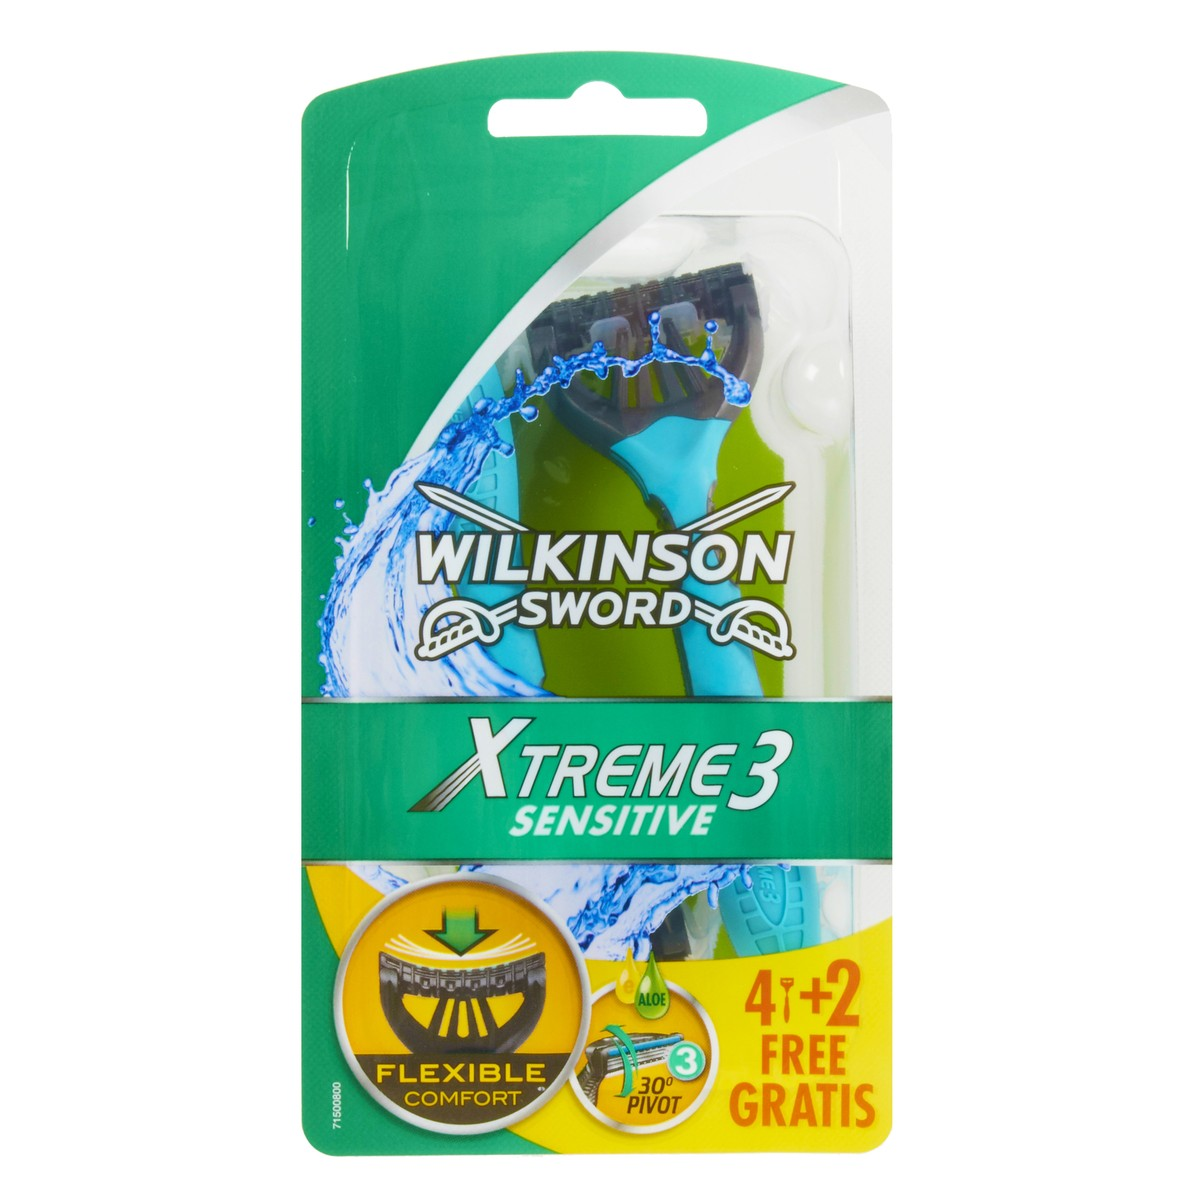 Wilkinson Rasoio Xtreme 3 Sensitive